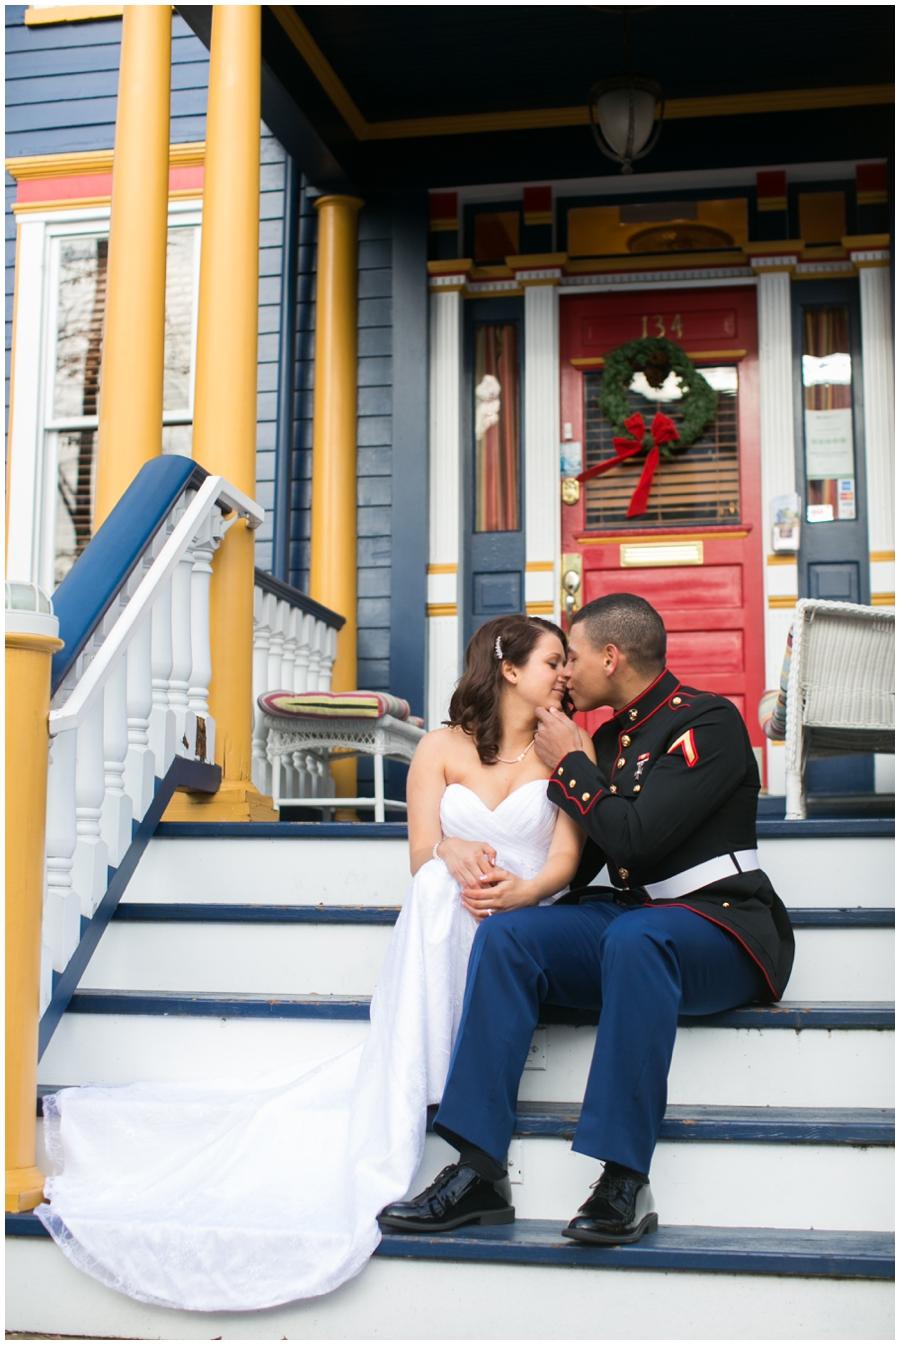 Annapolis Elopement Photographer - Winter Love Portrait